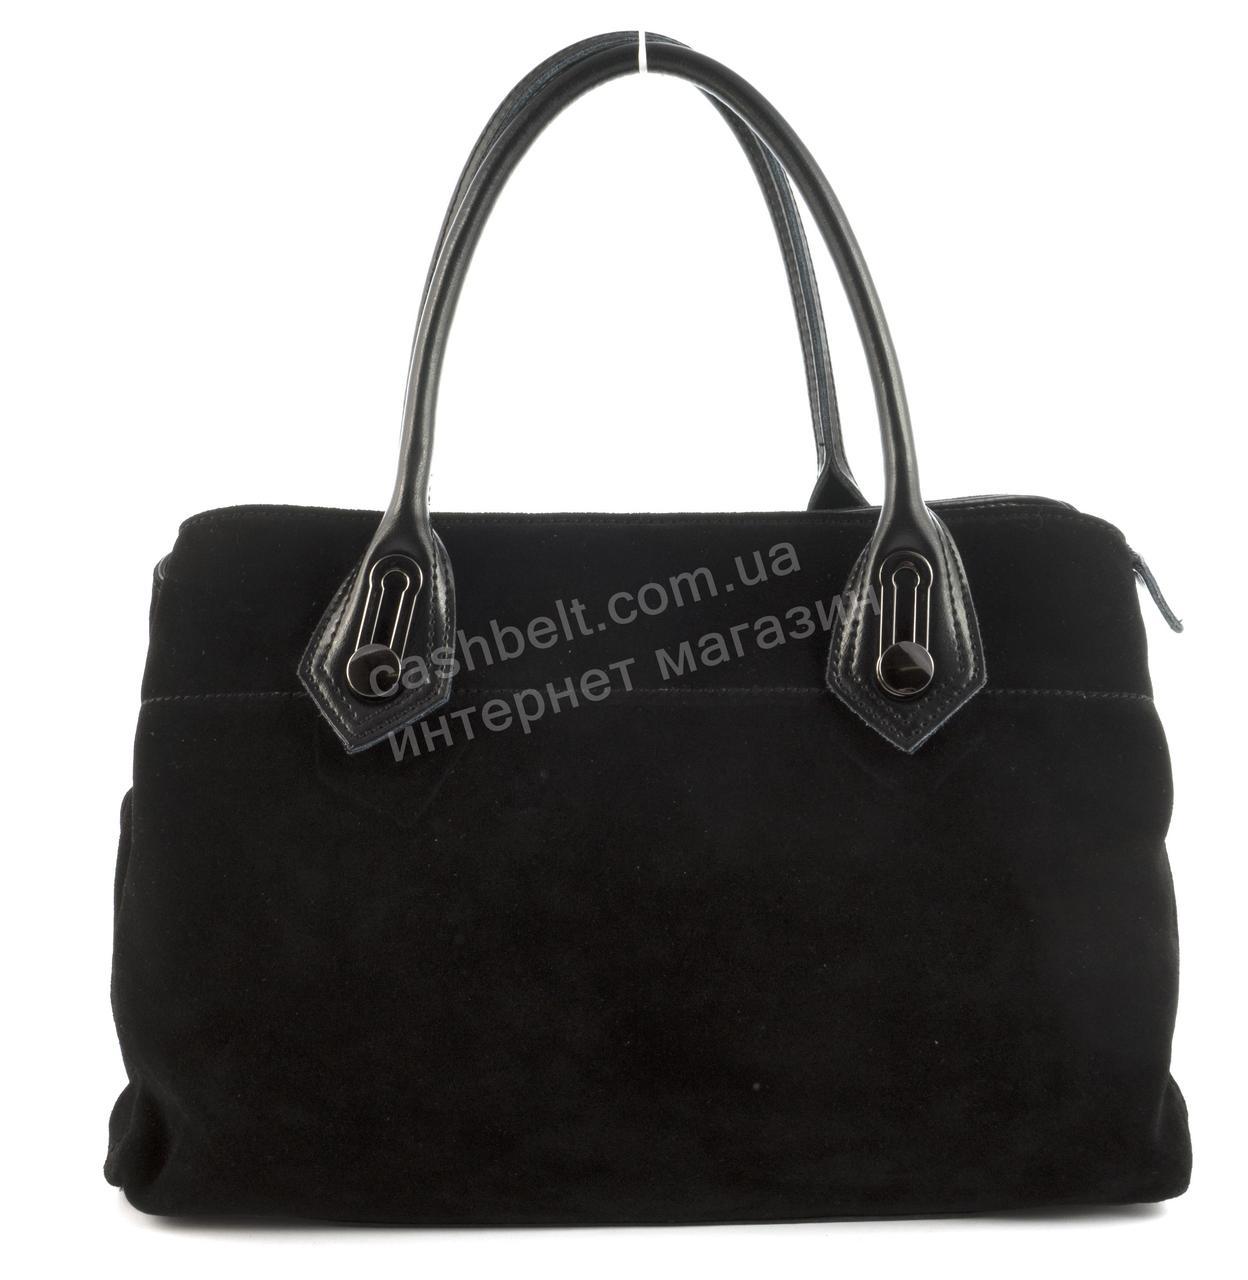 Стильная полностью замшевая прочная женская сумка с натурального замша art.  506 черная Турция - Ремешок ae992ab06a7